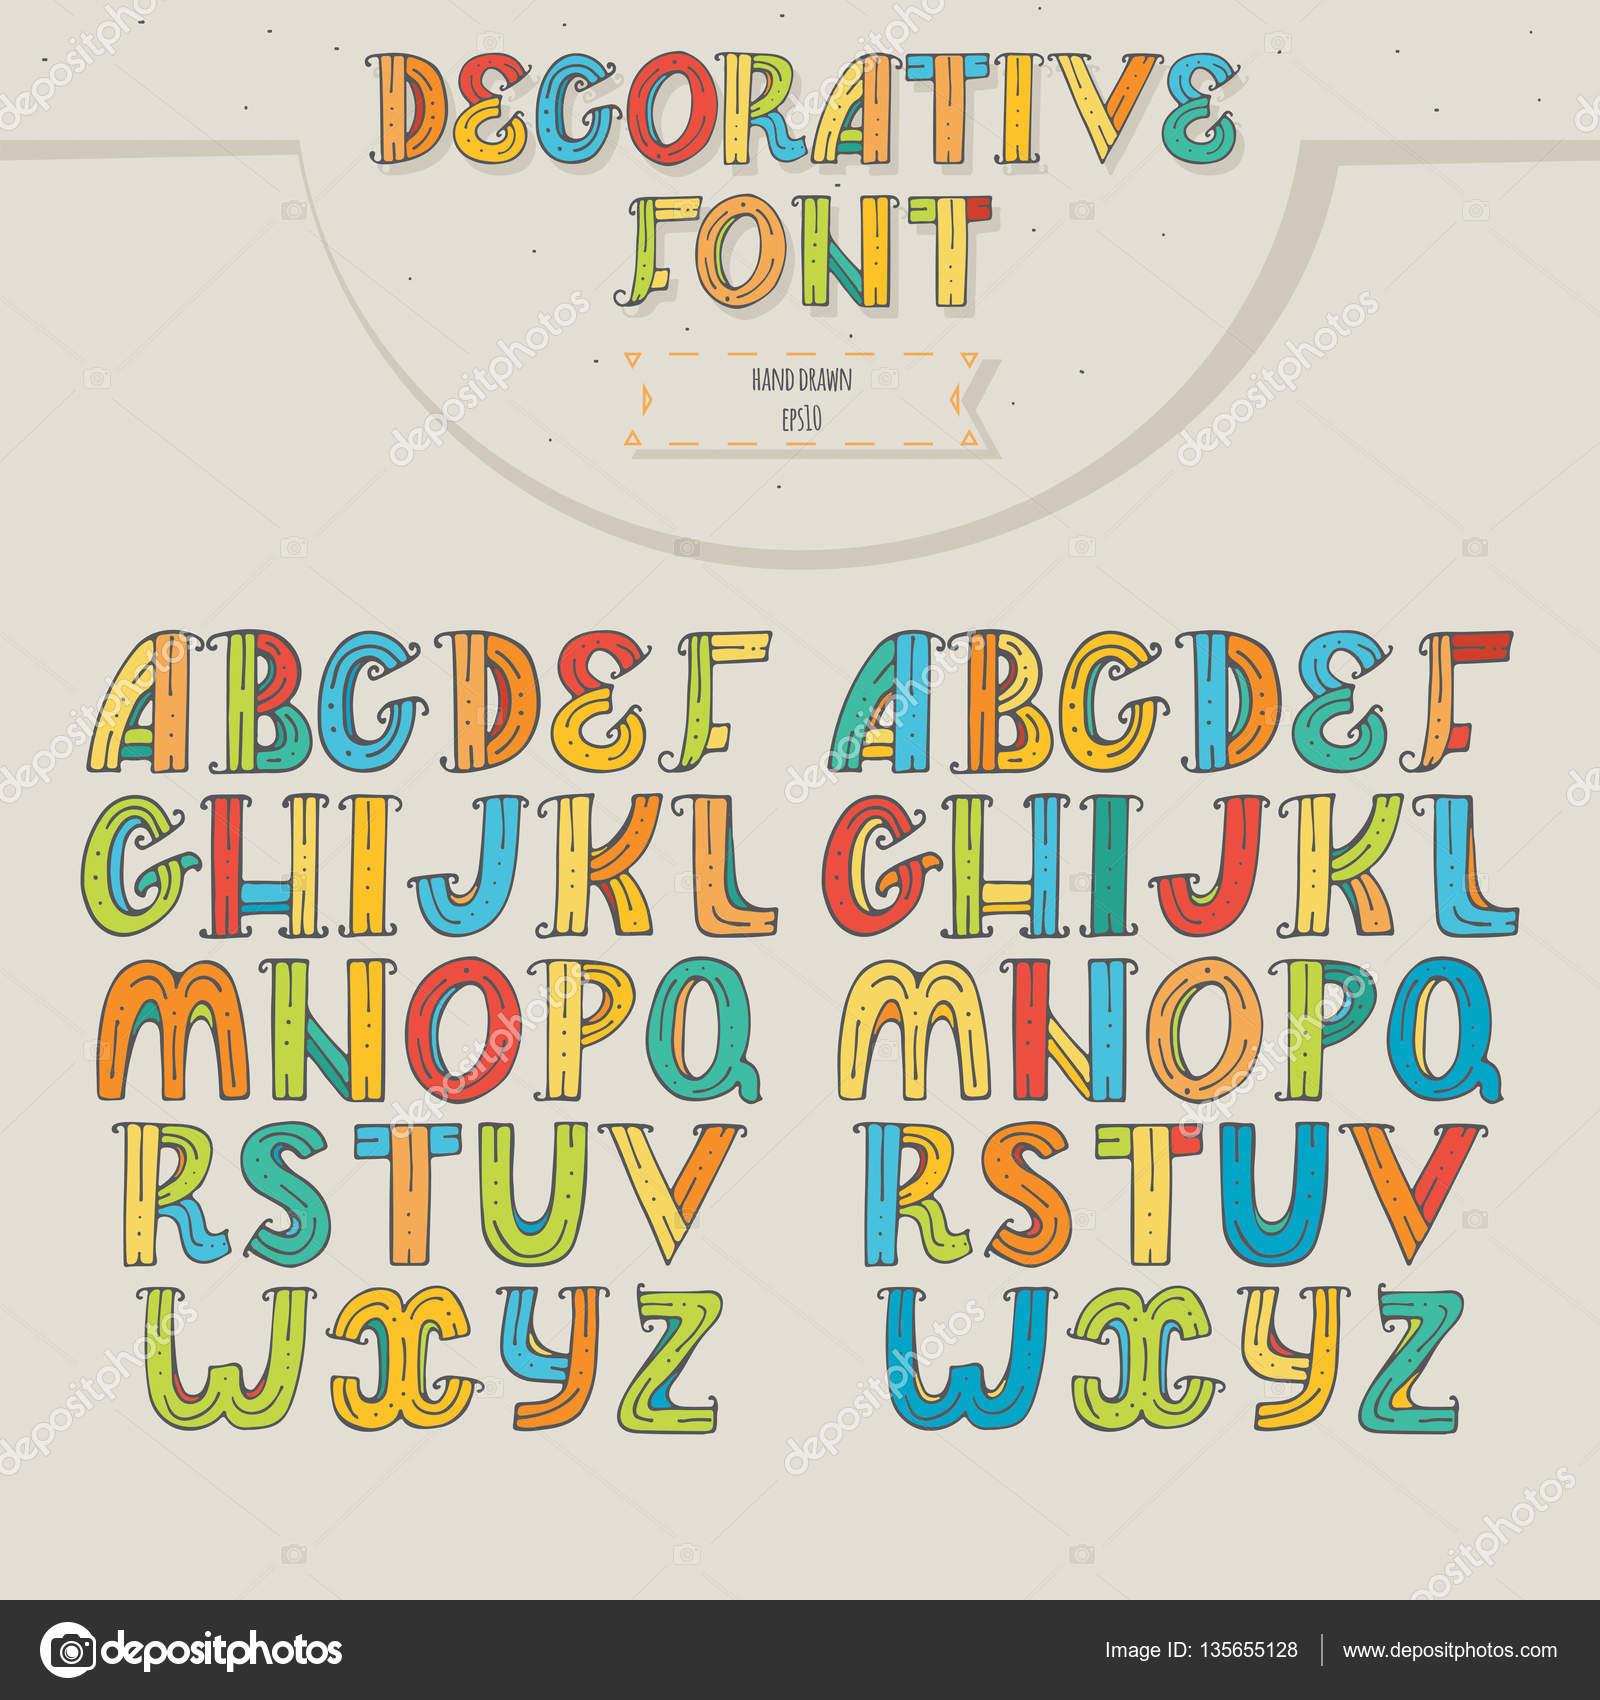 Büyük renkli dekoratif harfleri bej renkli arka plan üzerinde ayarlayın harfleri sırayla adan zye yaratıcı yazı için iki farklı renk versi